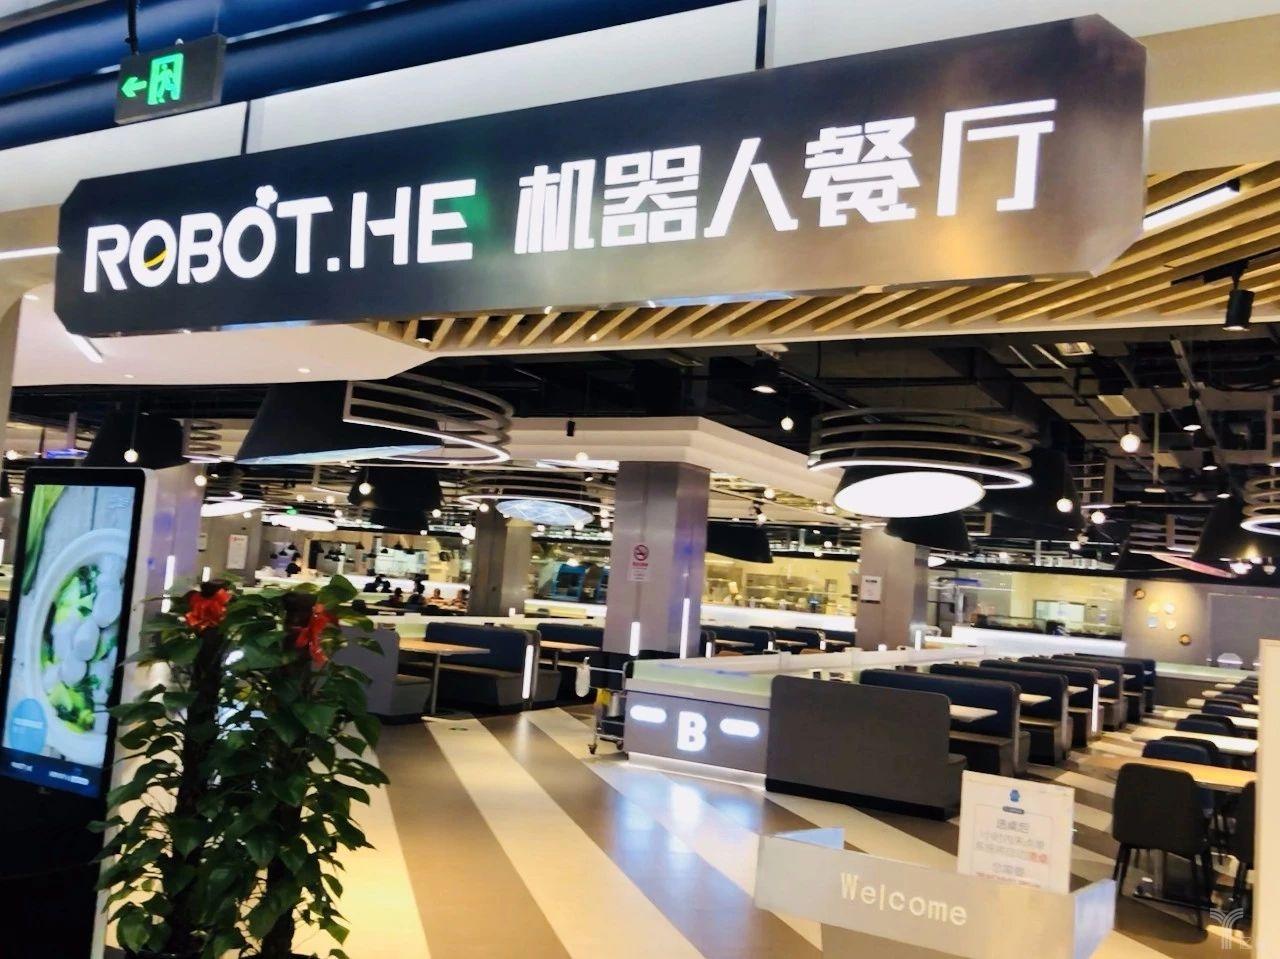 贝斯特全球最奢华娱乐_机器人餐厅